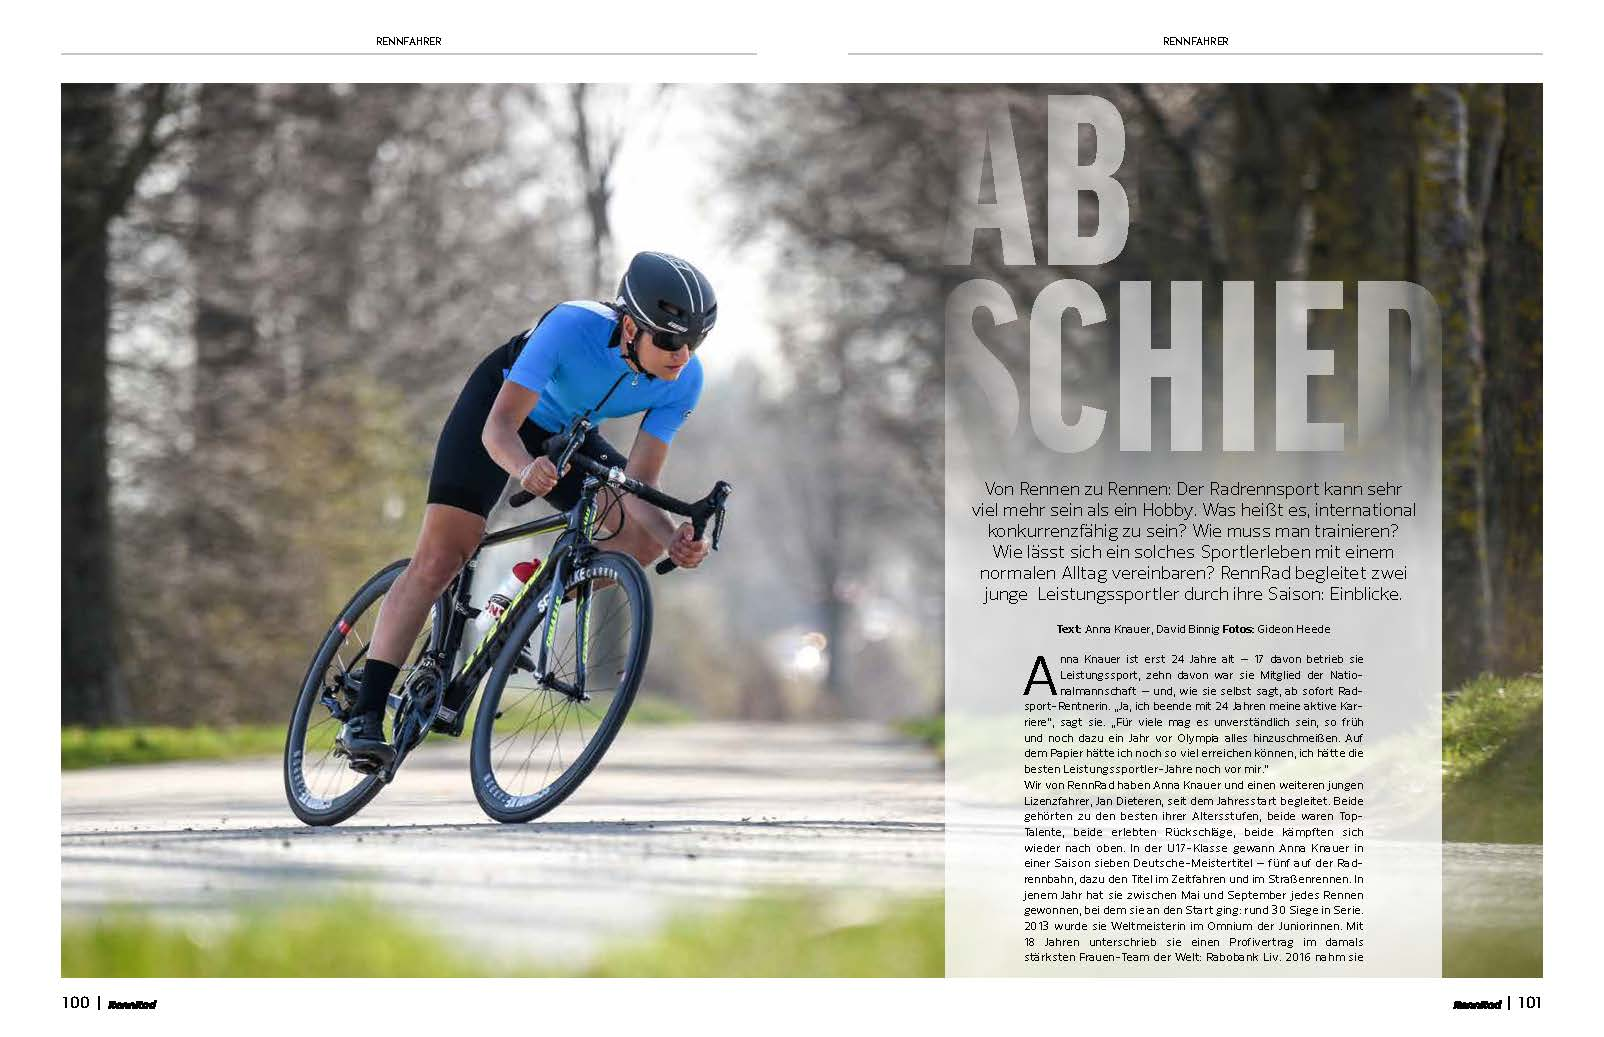 Leistungssportler im Porträt: Wie verlief die Rennrad-Saison? Ein Karrierende